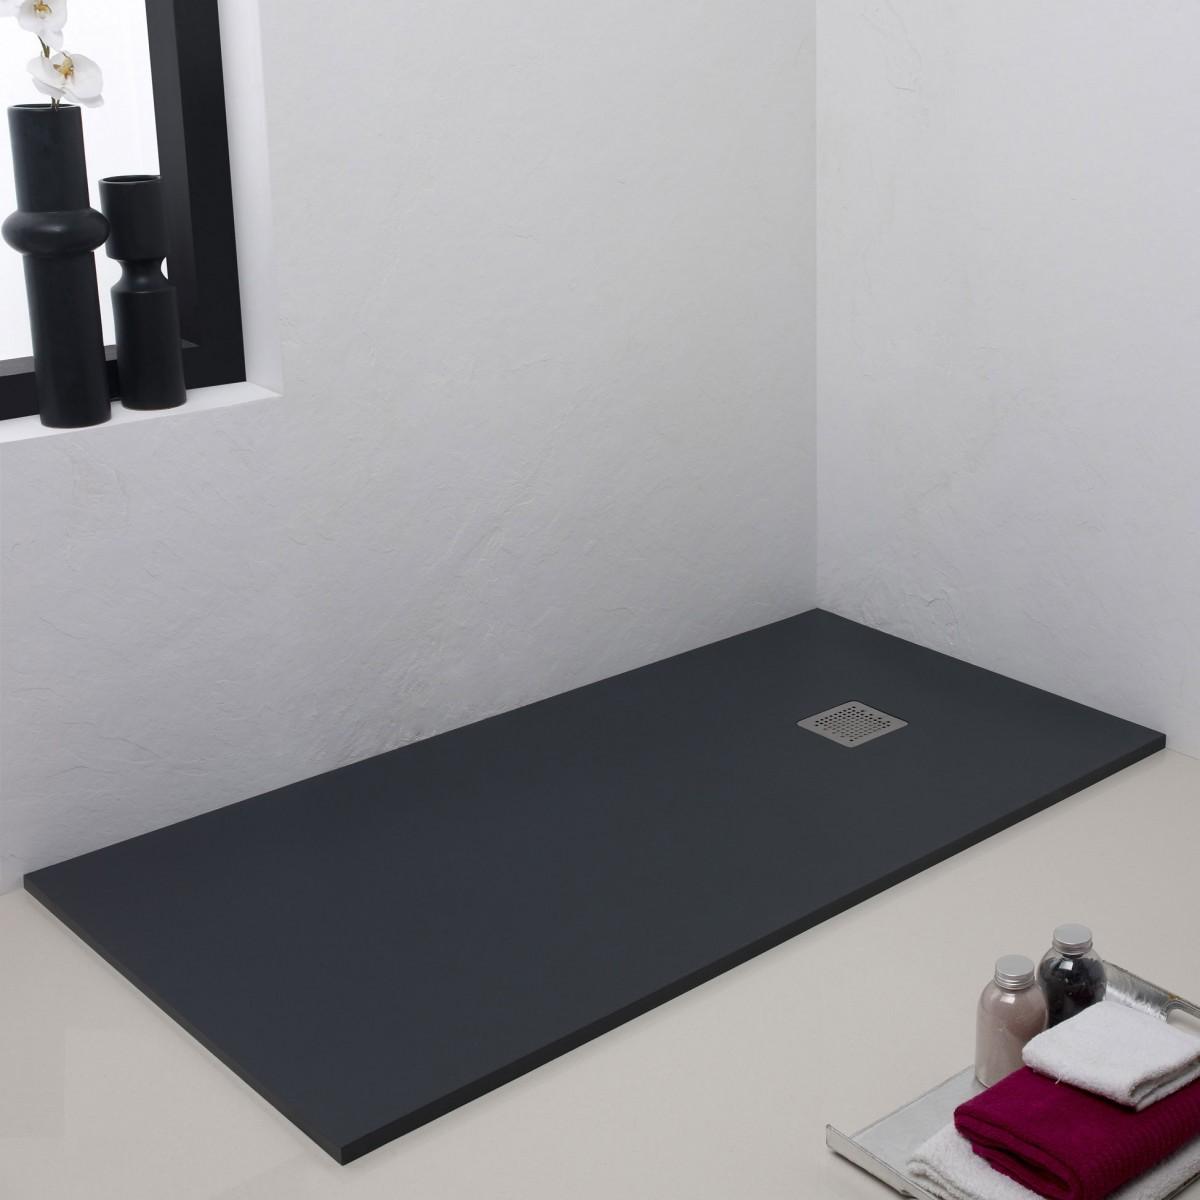 Plato de ducha a medida liso hidrotienda for Accesorios para platos de ducha